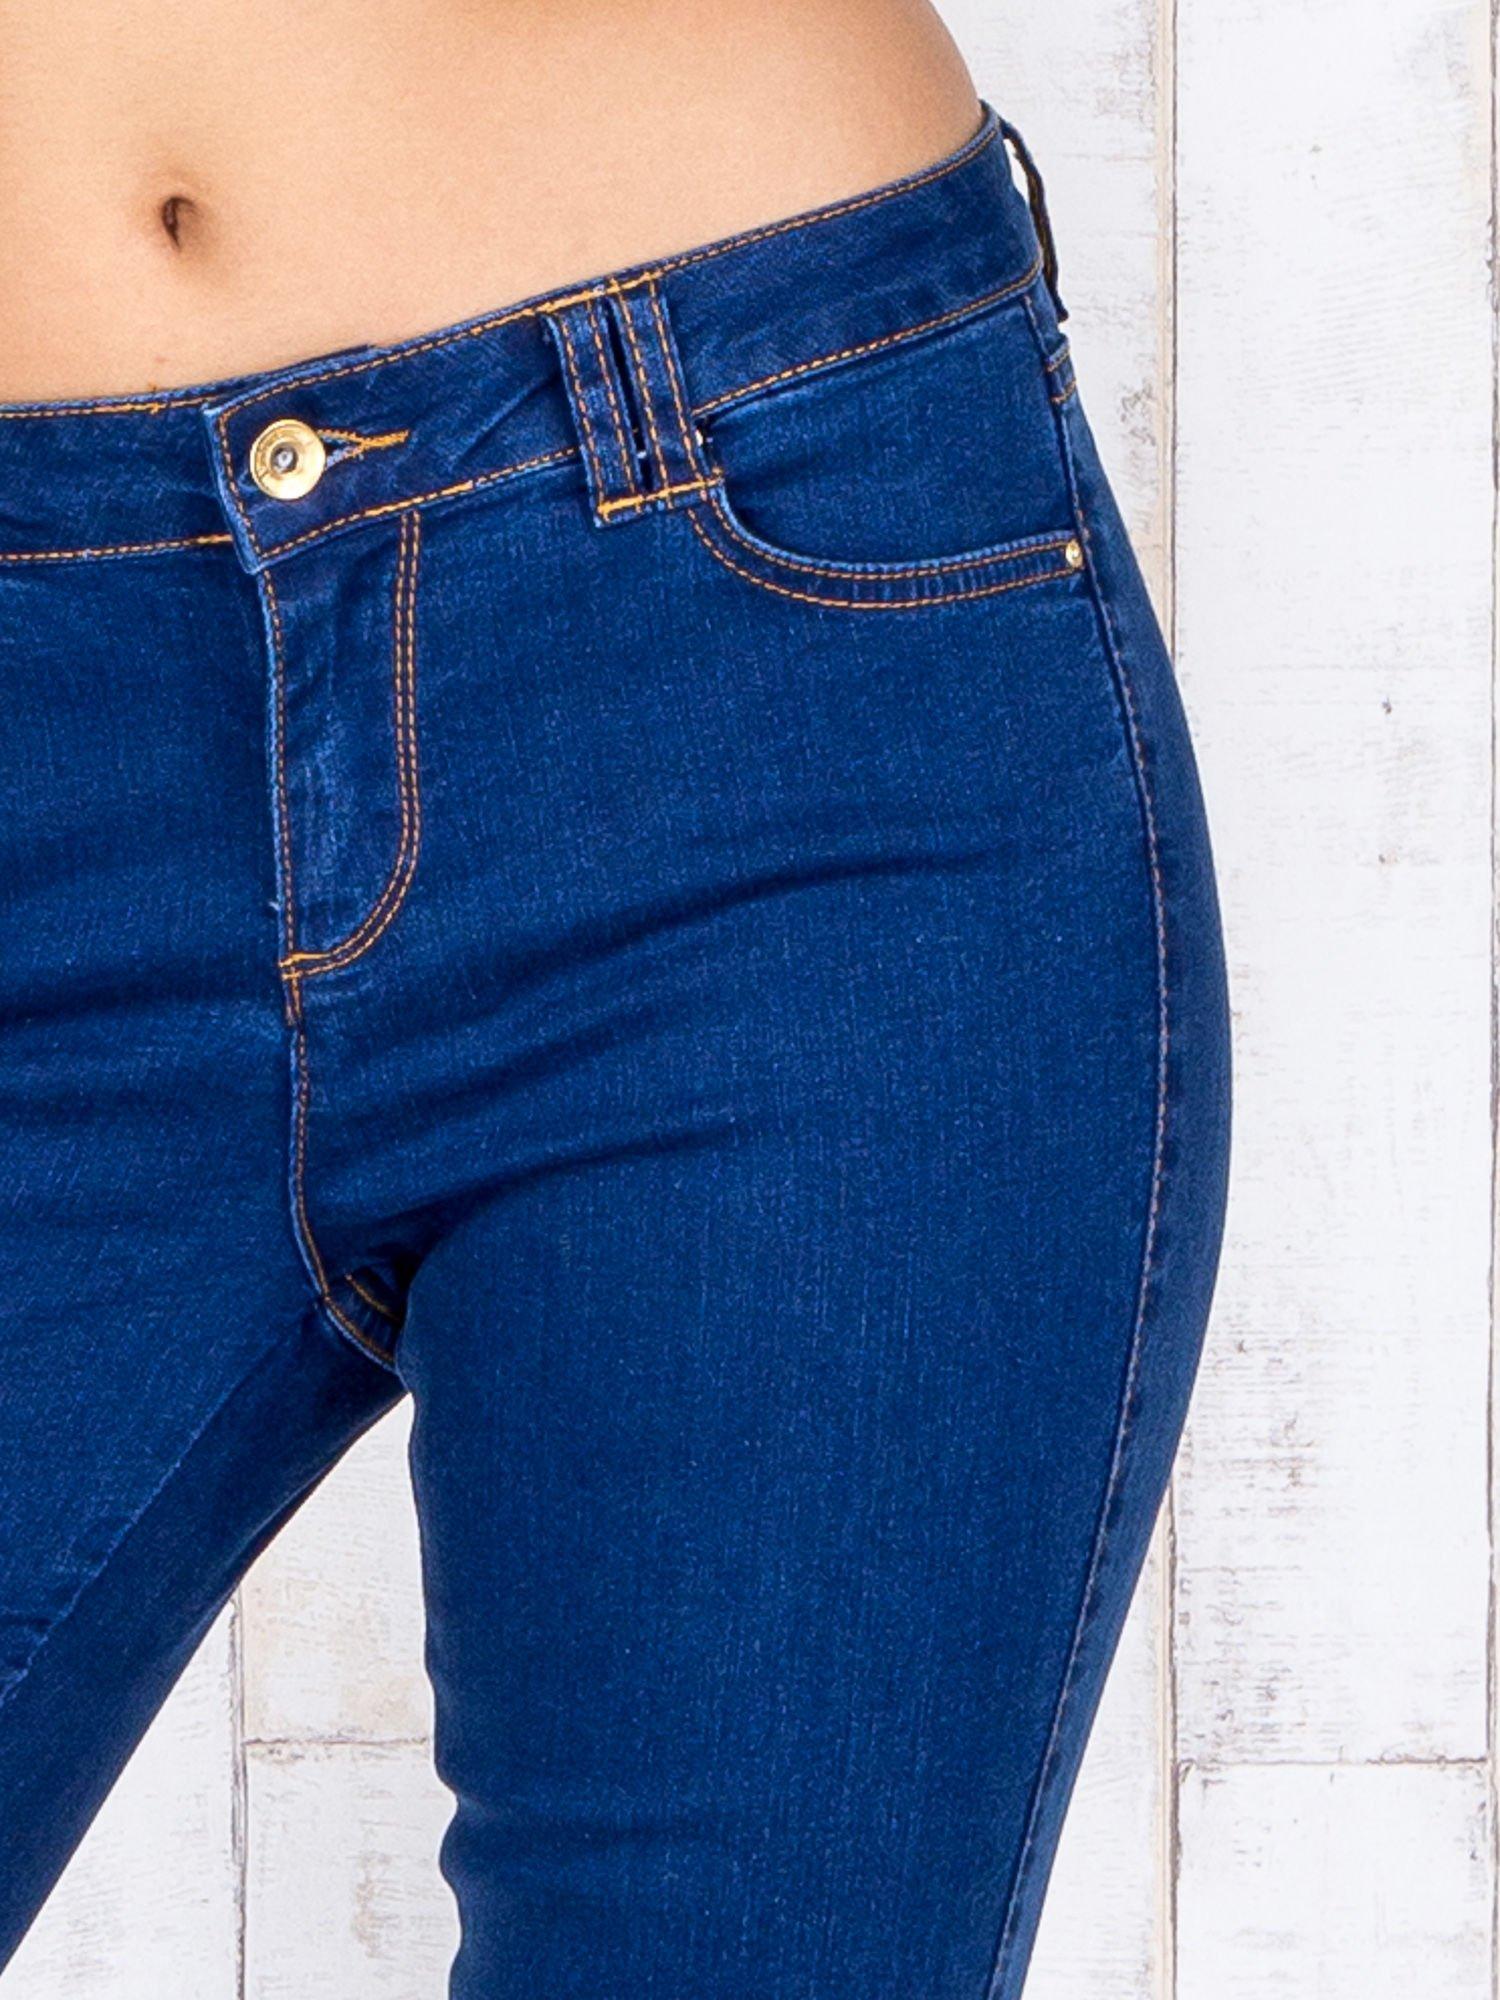 Niebieskie jeansowe spodnie skinny z kontrastowymi szwami                                  zdj.                                  4